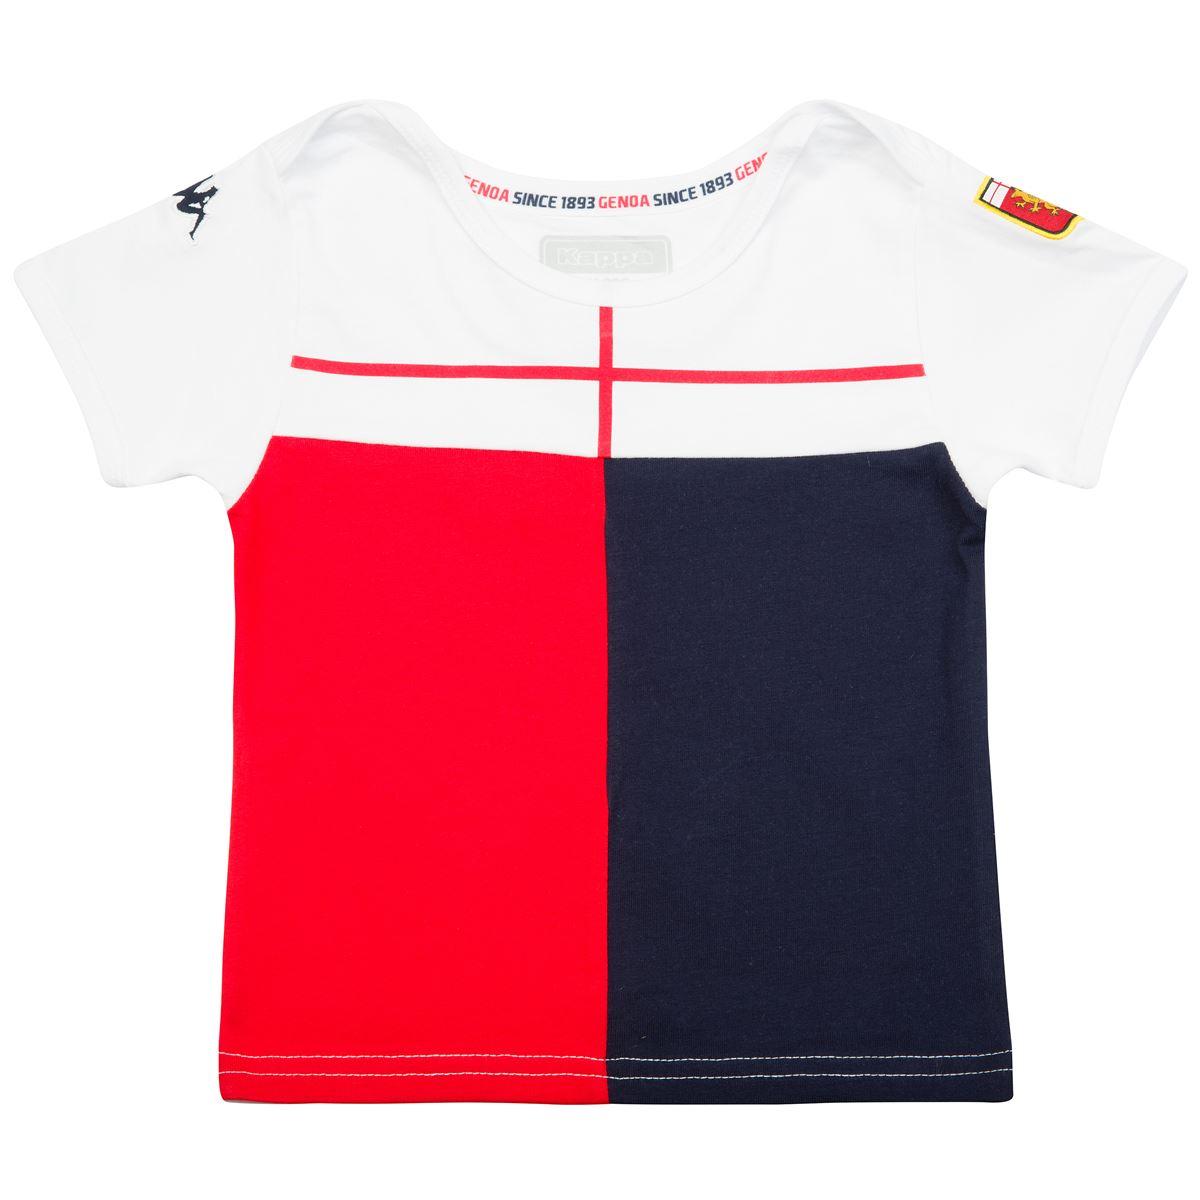 Kappa T-shirts & Top bambino/a-3112JLWGEN